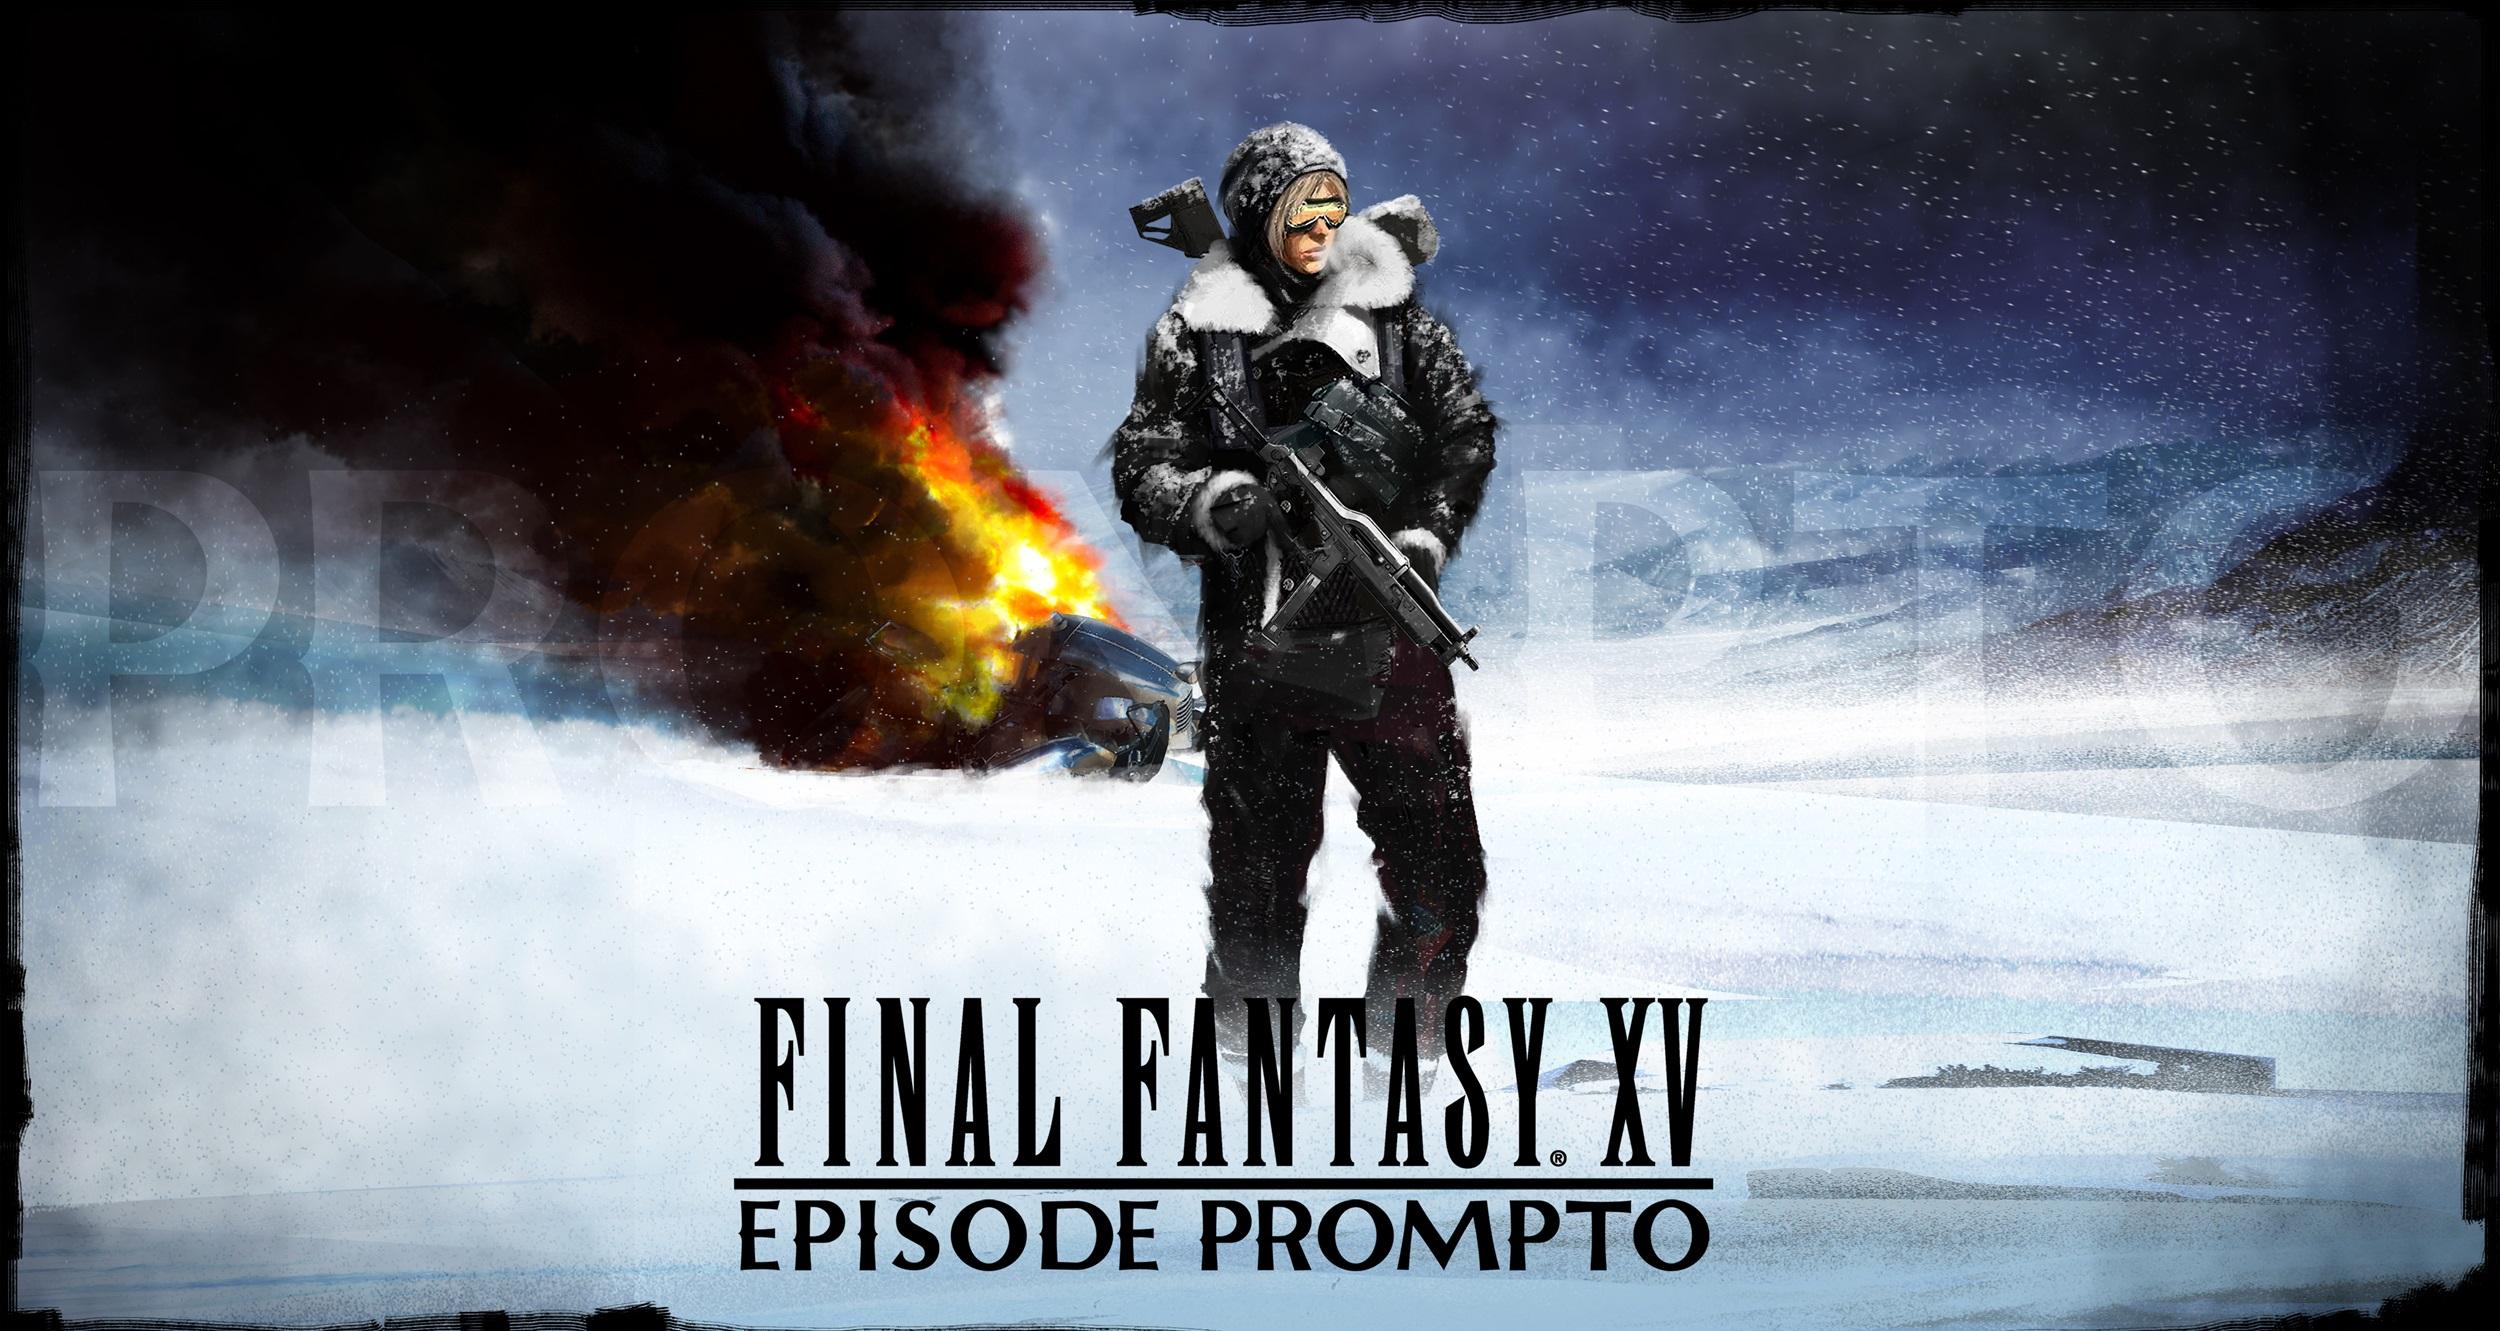 Trailer ufficiale di Episode Prompto!